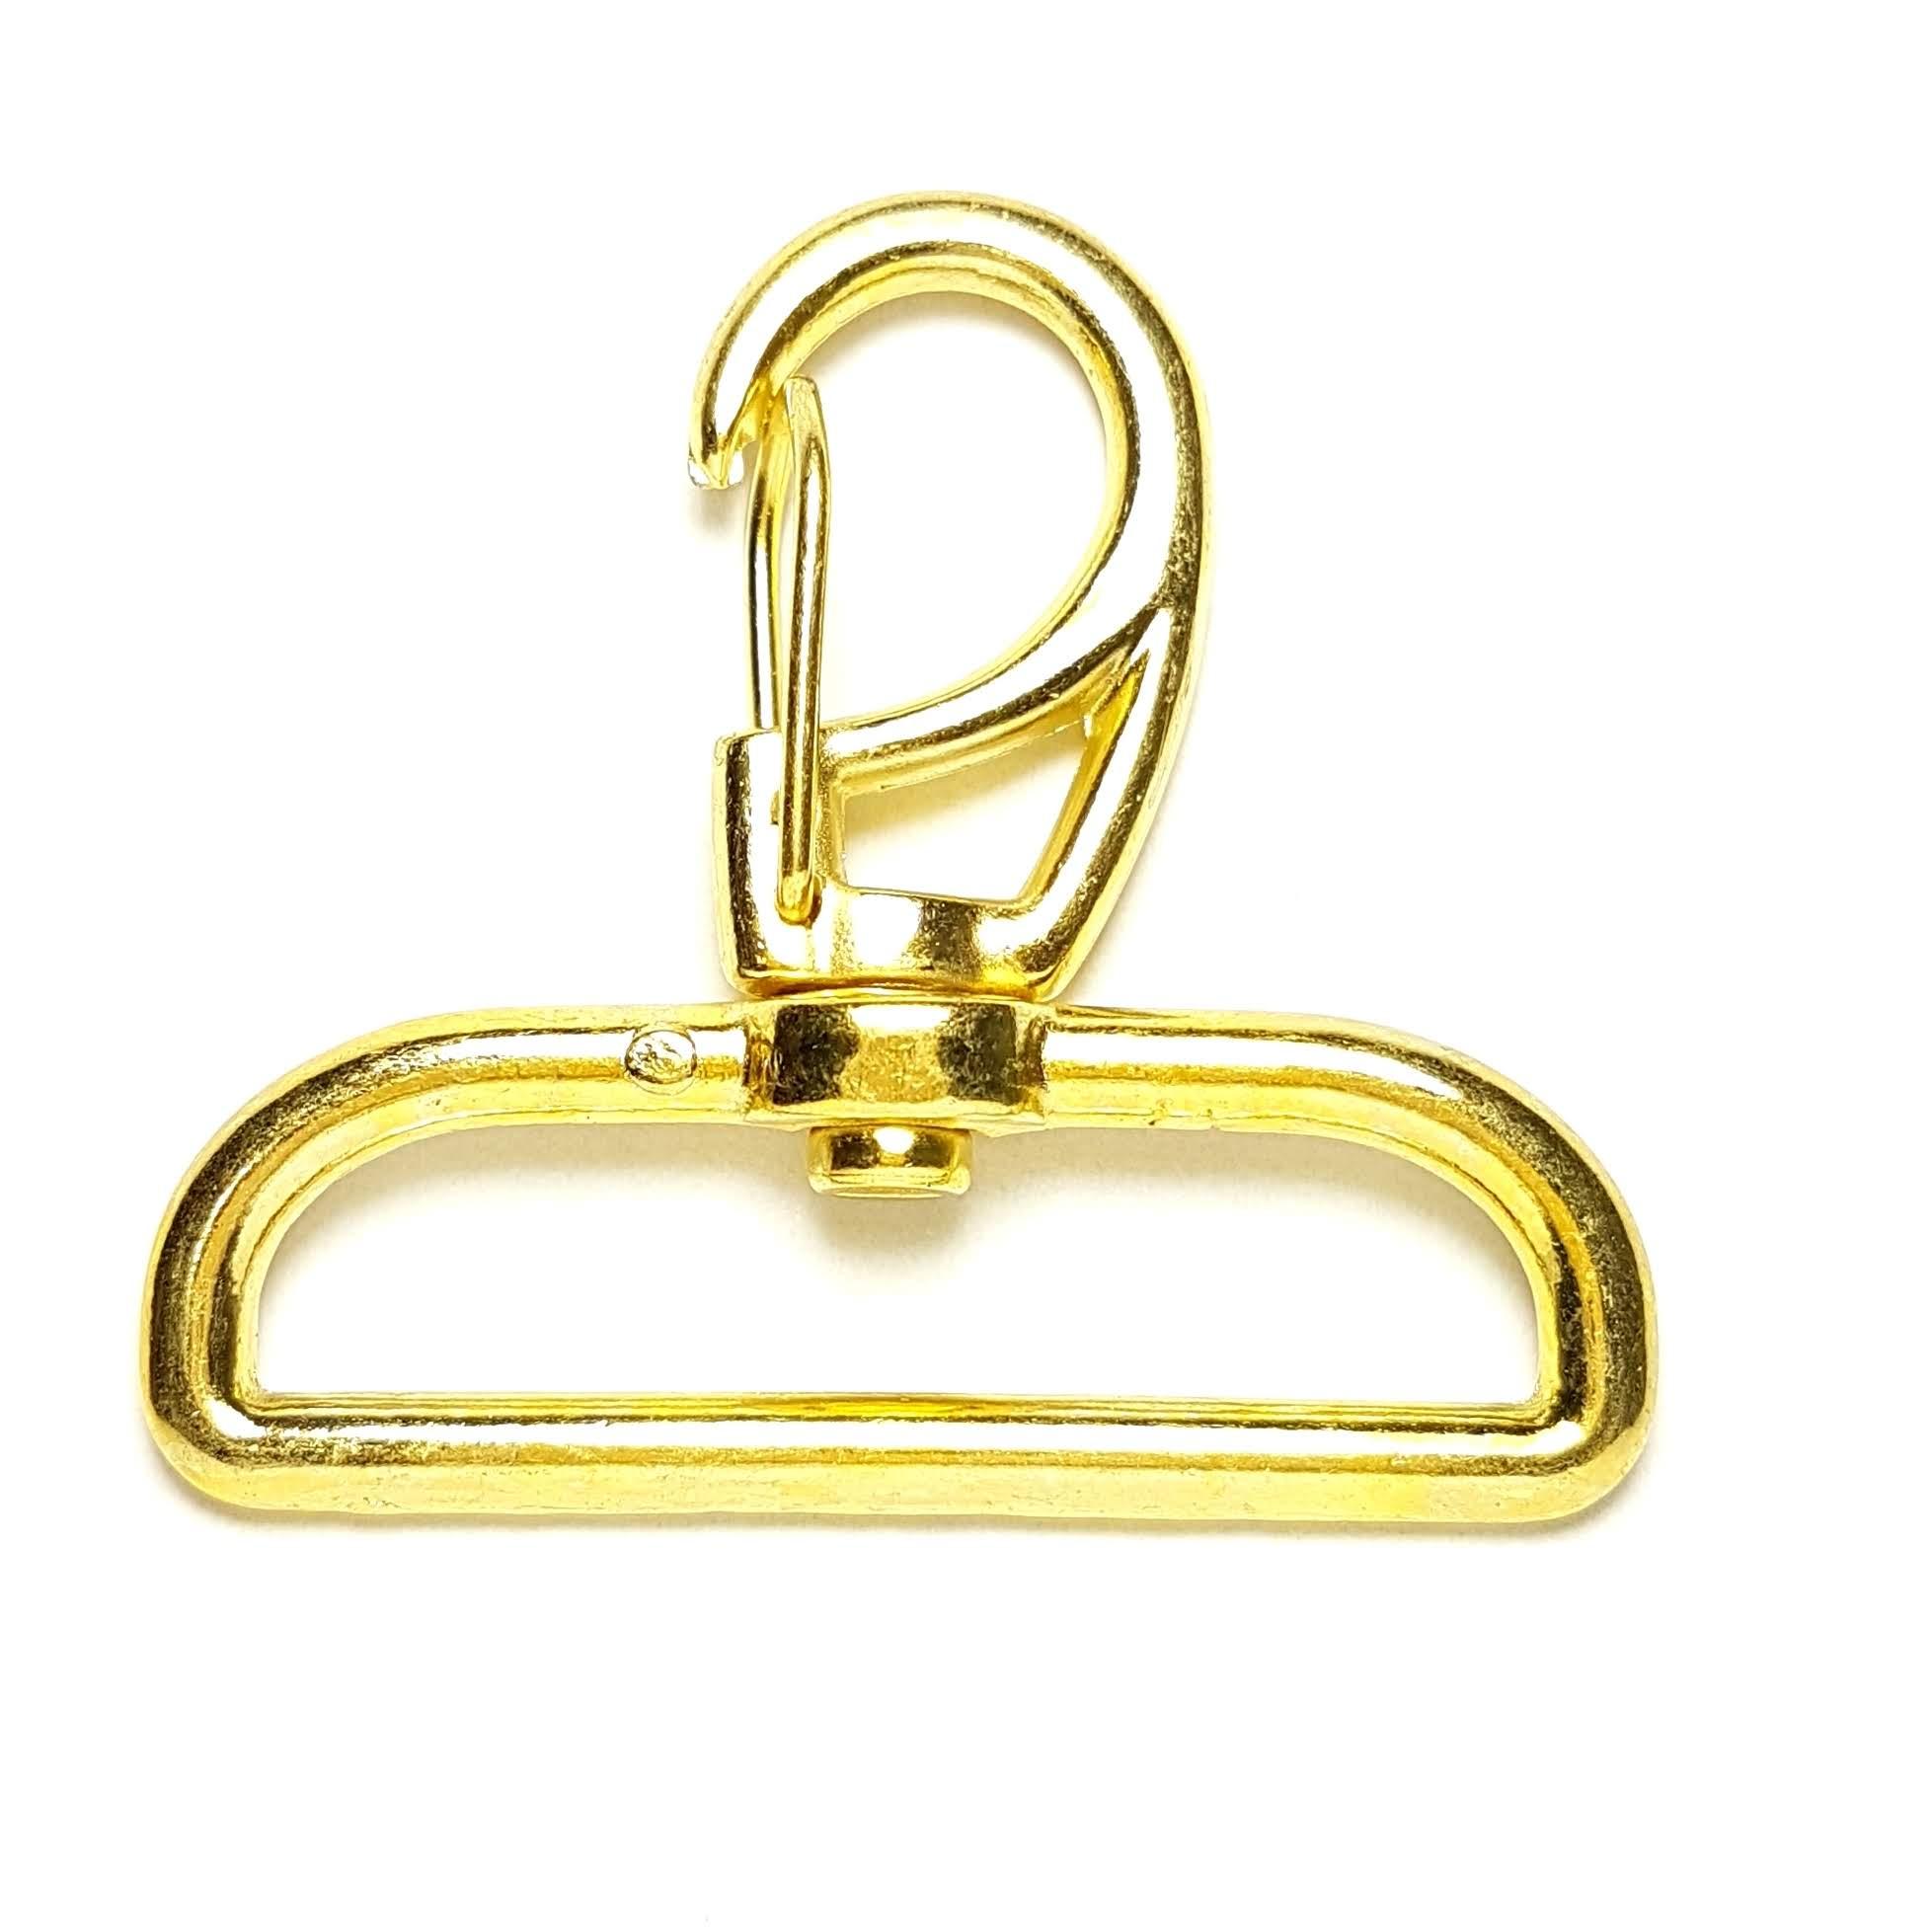 Mosquetão Dourado Ref. 1166 - 4,0cm